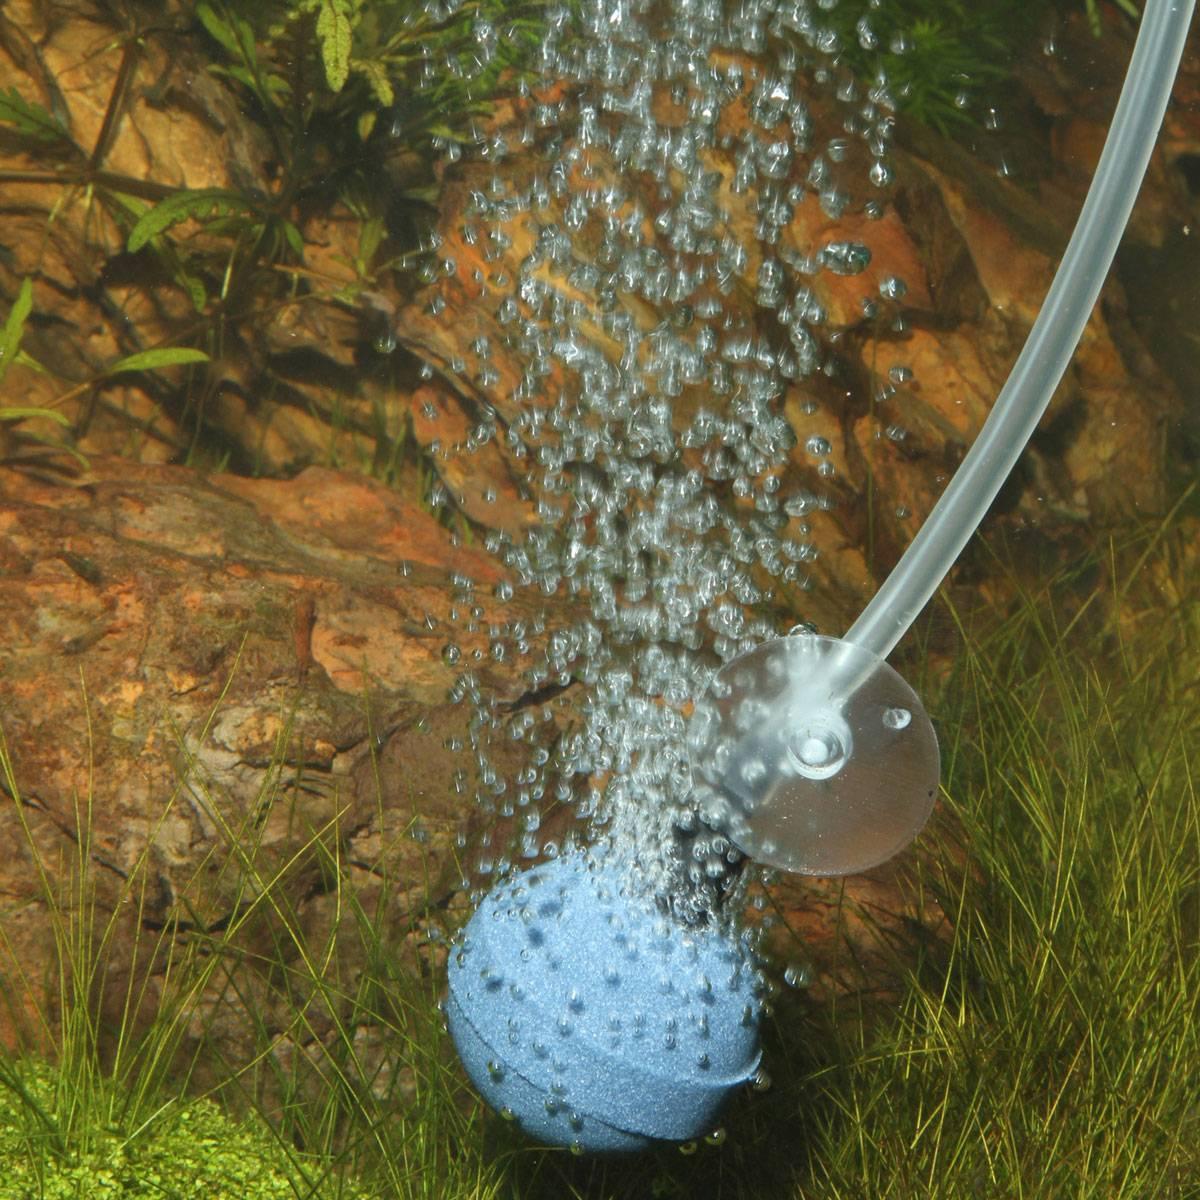 Аэрация воды в аквариуме. необходимость или излишество.